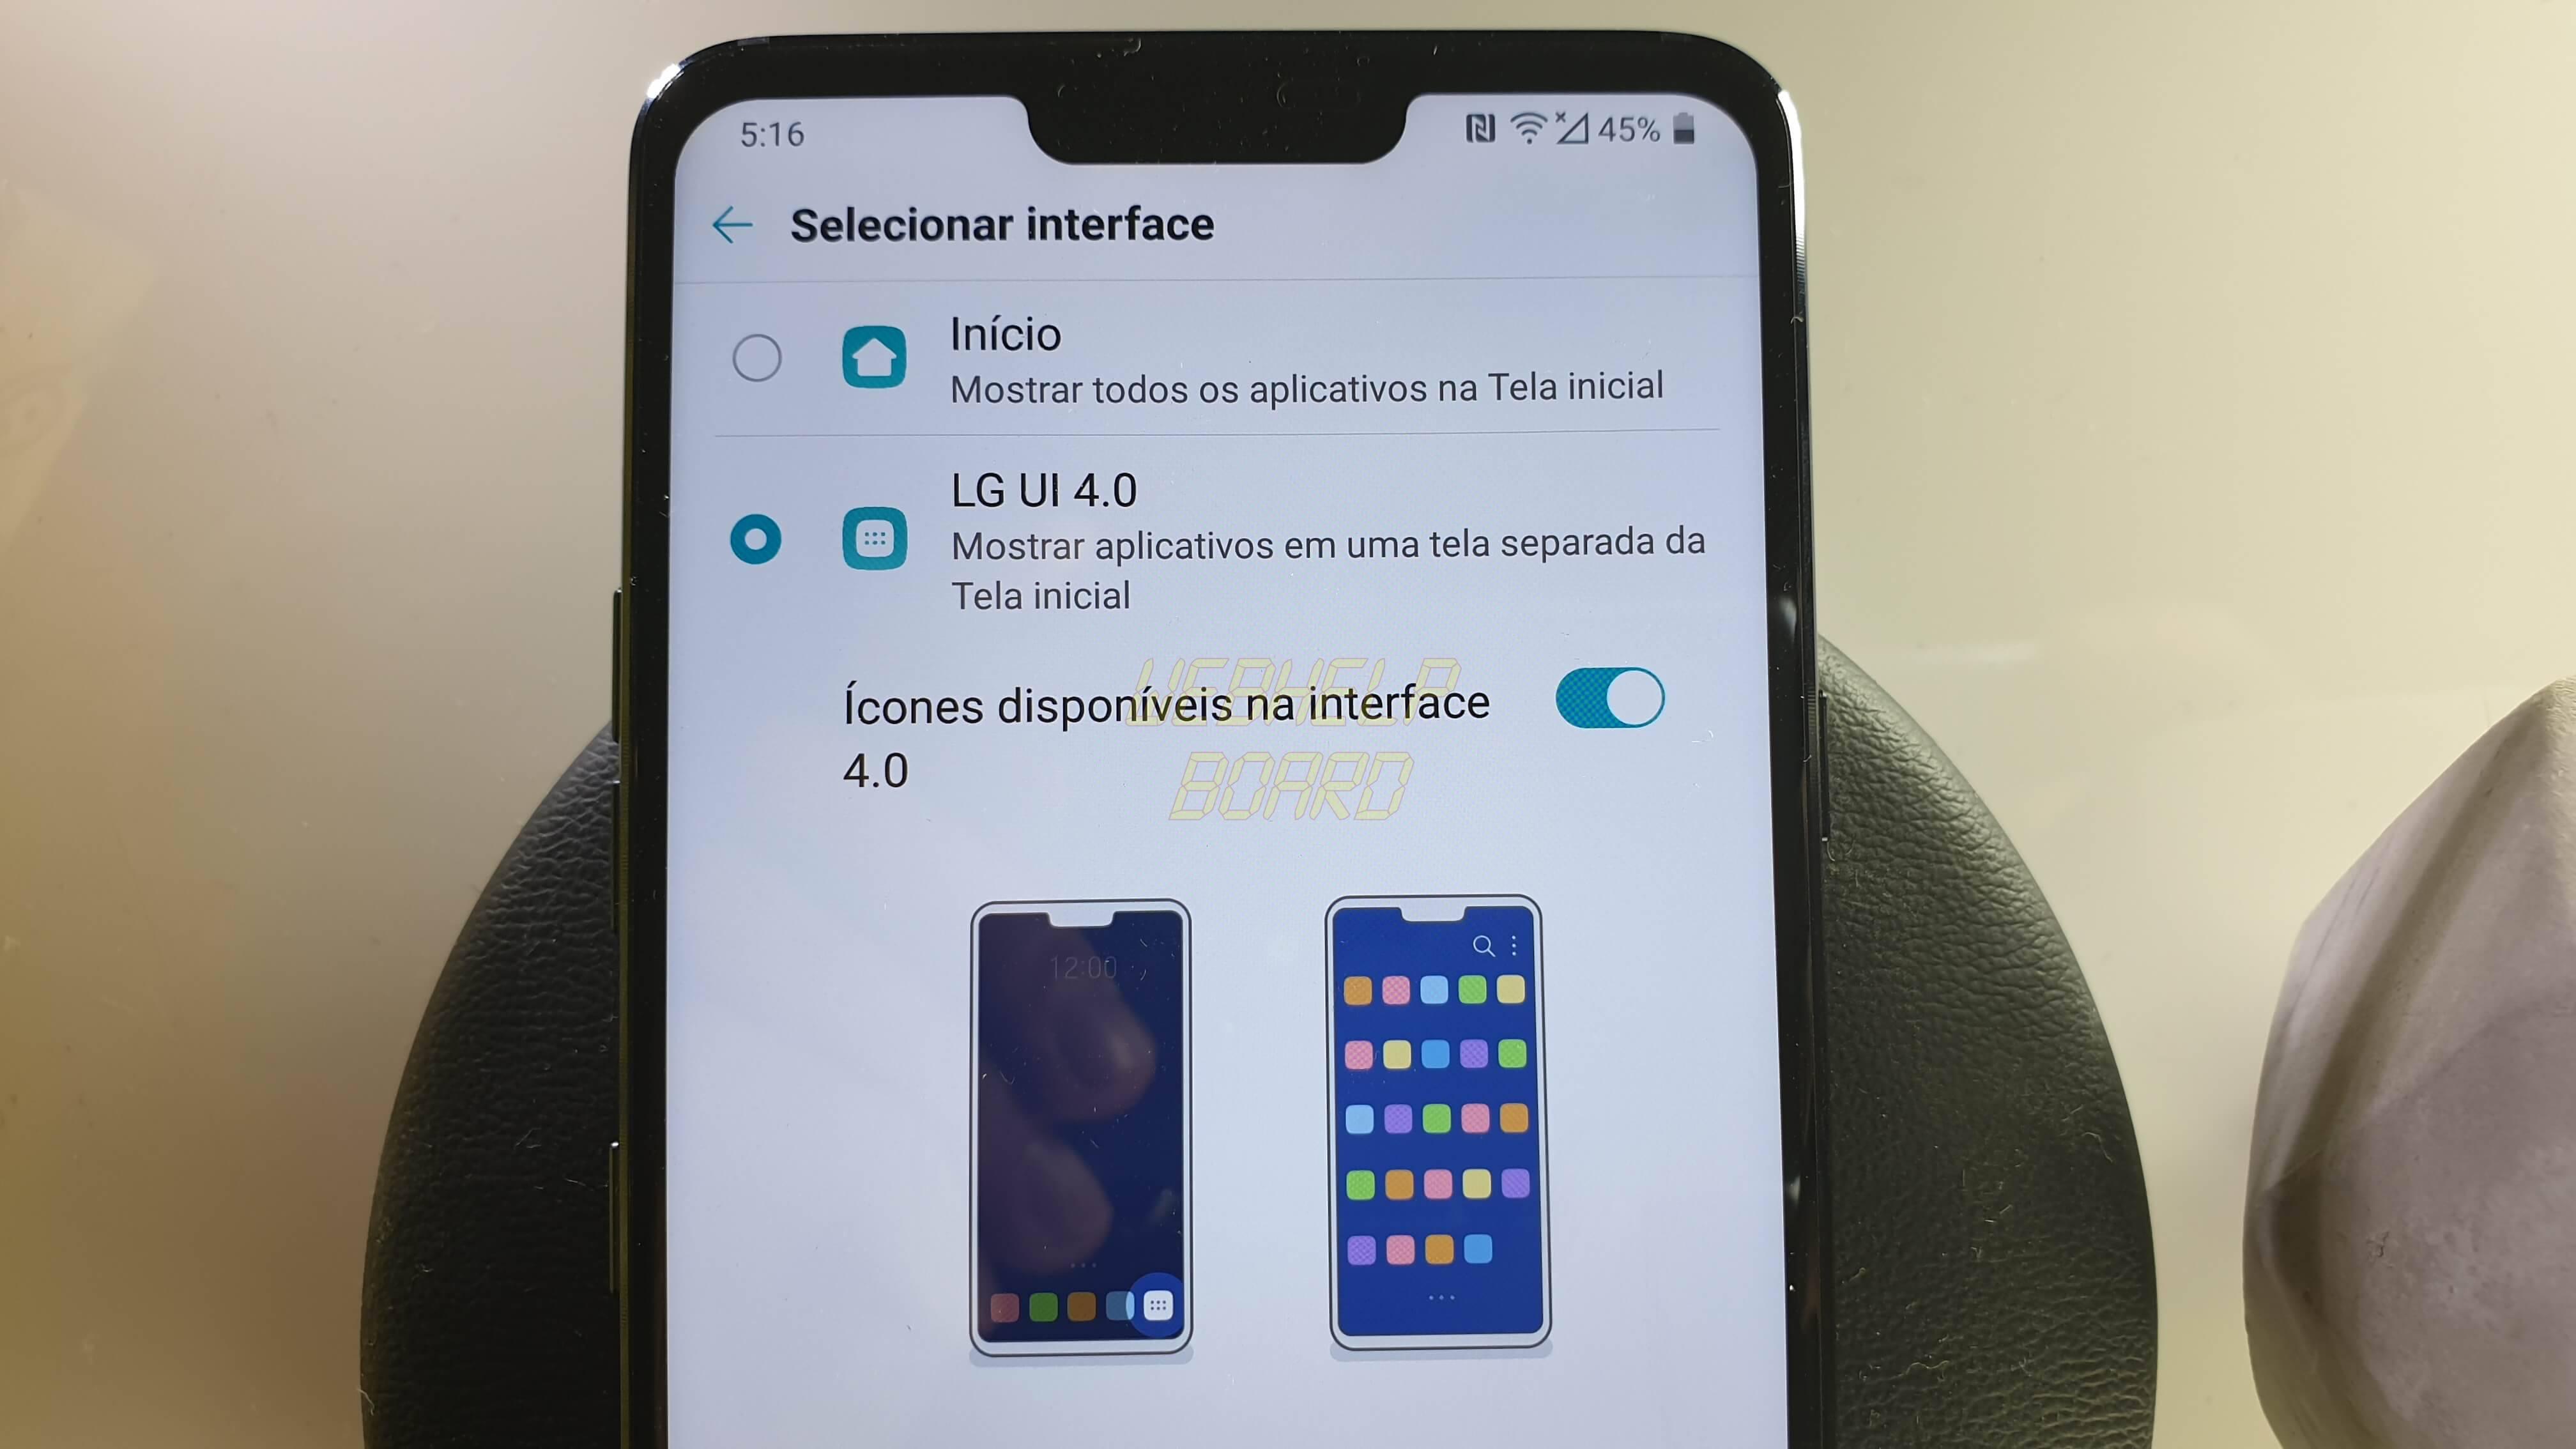 20181130 171629 1 - LG G7 ThinQ: dicas e truques para aproveitar ao máximo o smartphone